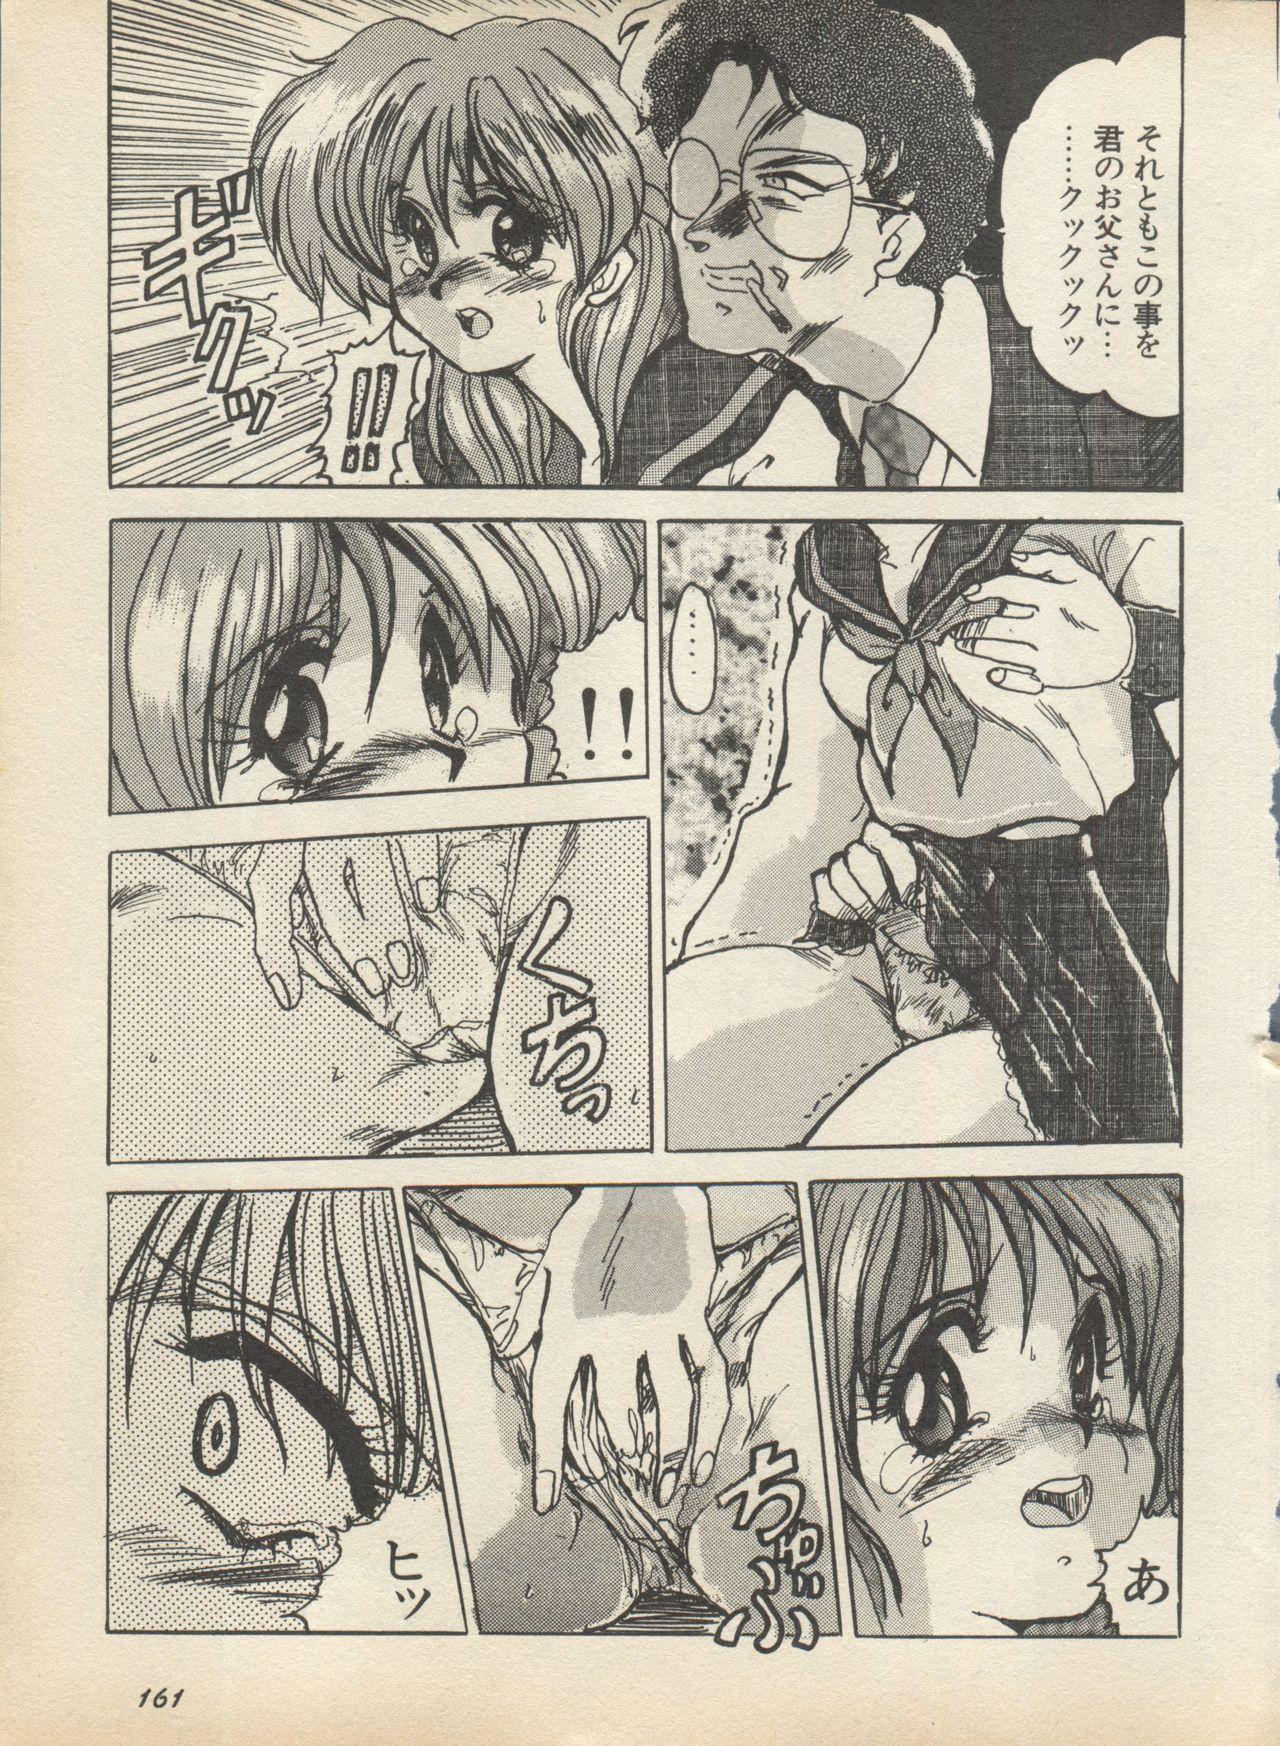 Shin Bishoujo Shoukougun 2 Mirai Hen 166